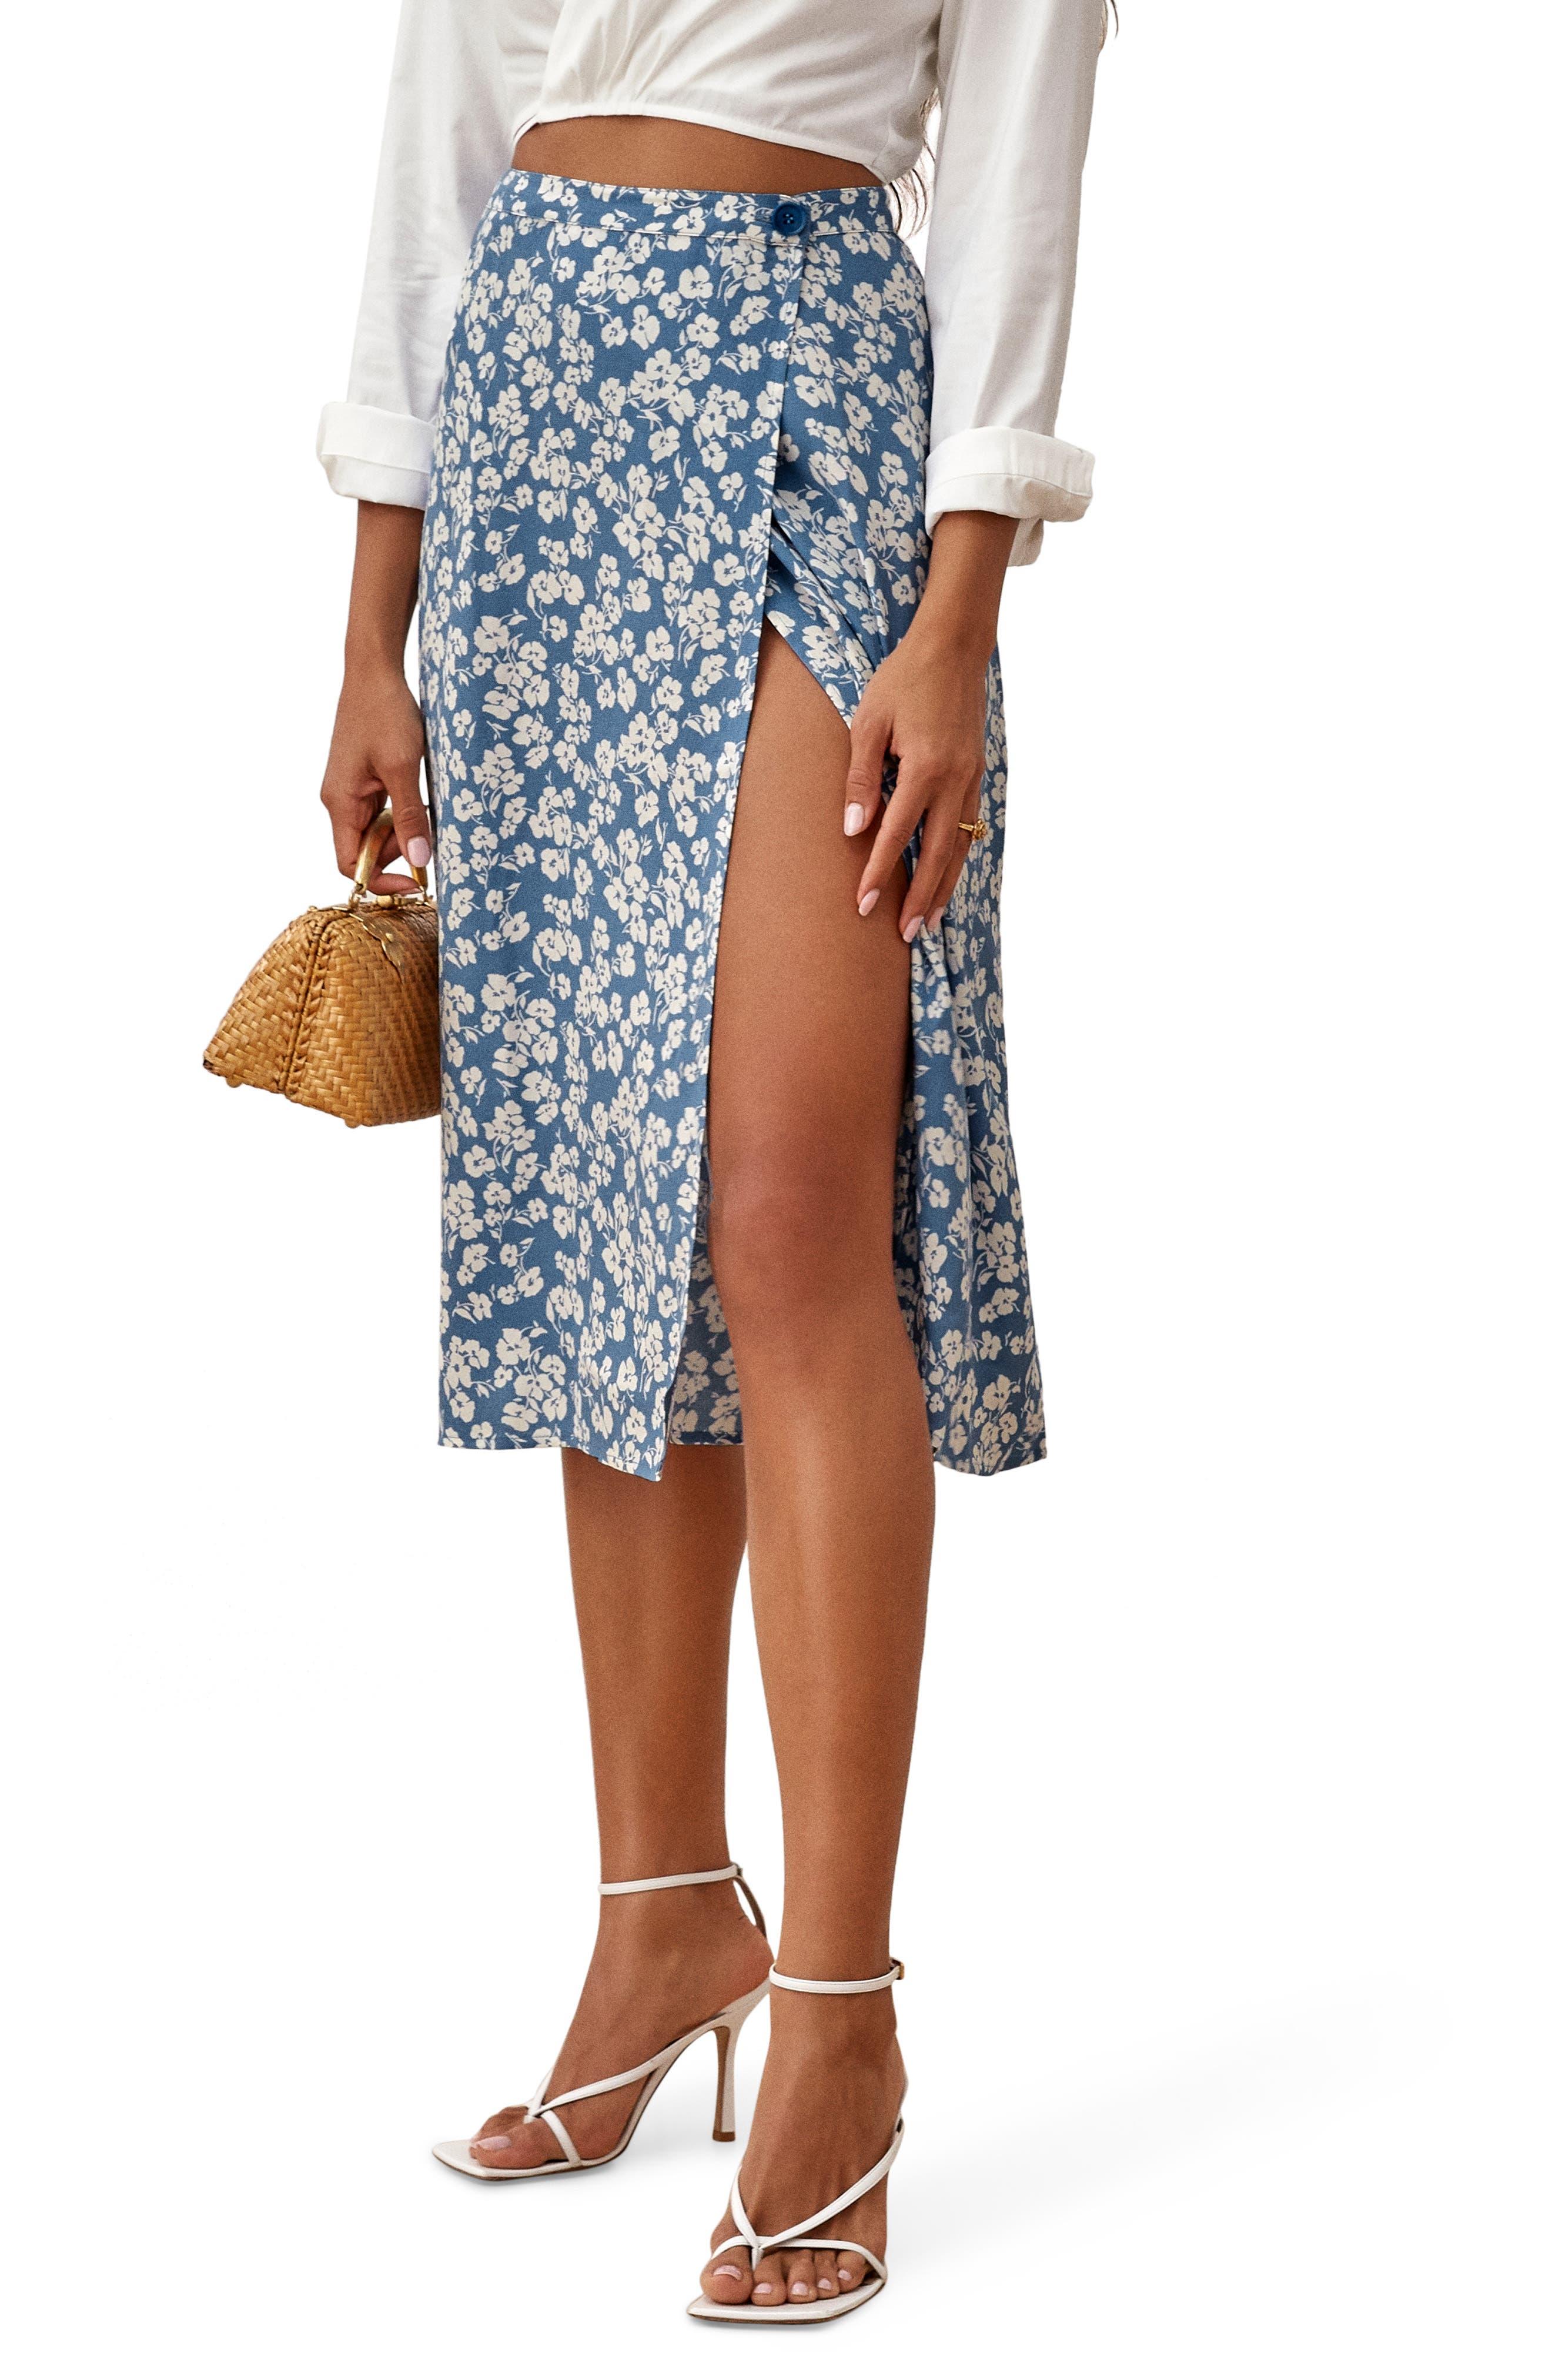 Midi Skirt Woman Clothes, Formal Skirt Design Skirt Purple lace Noprene Skirt